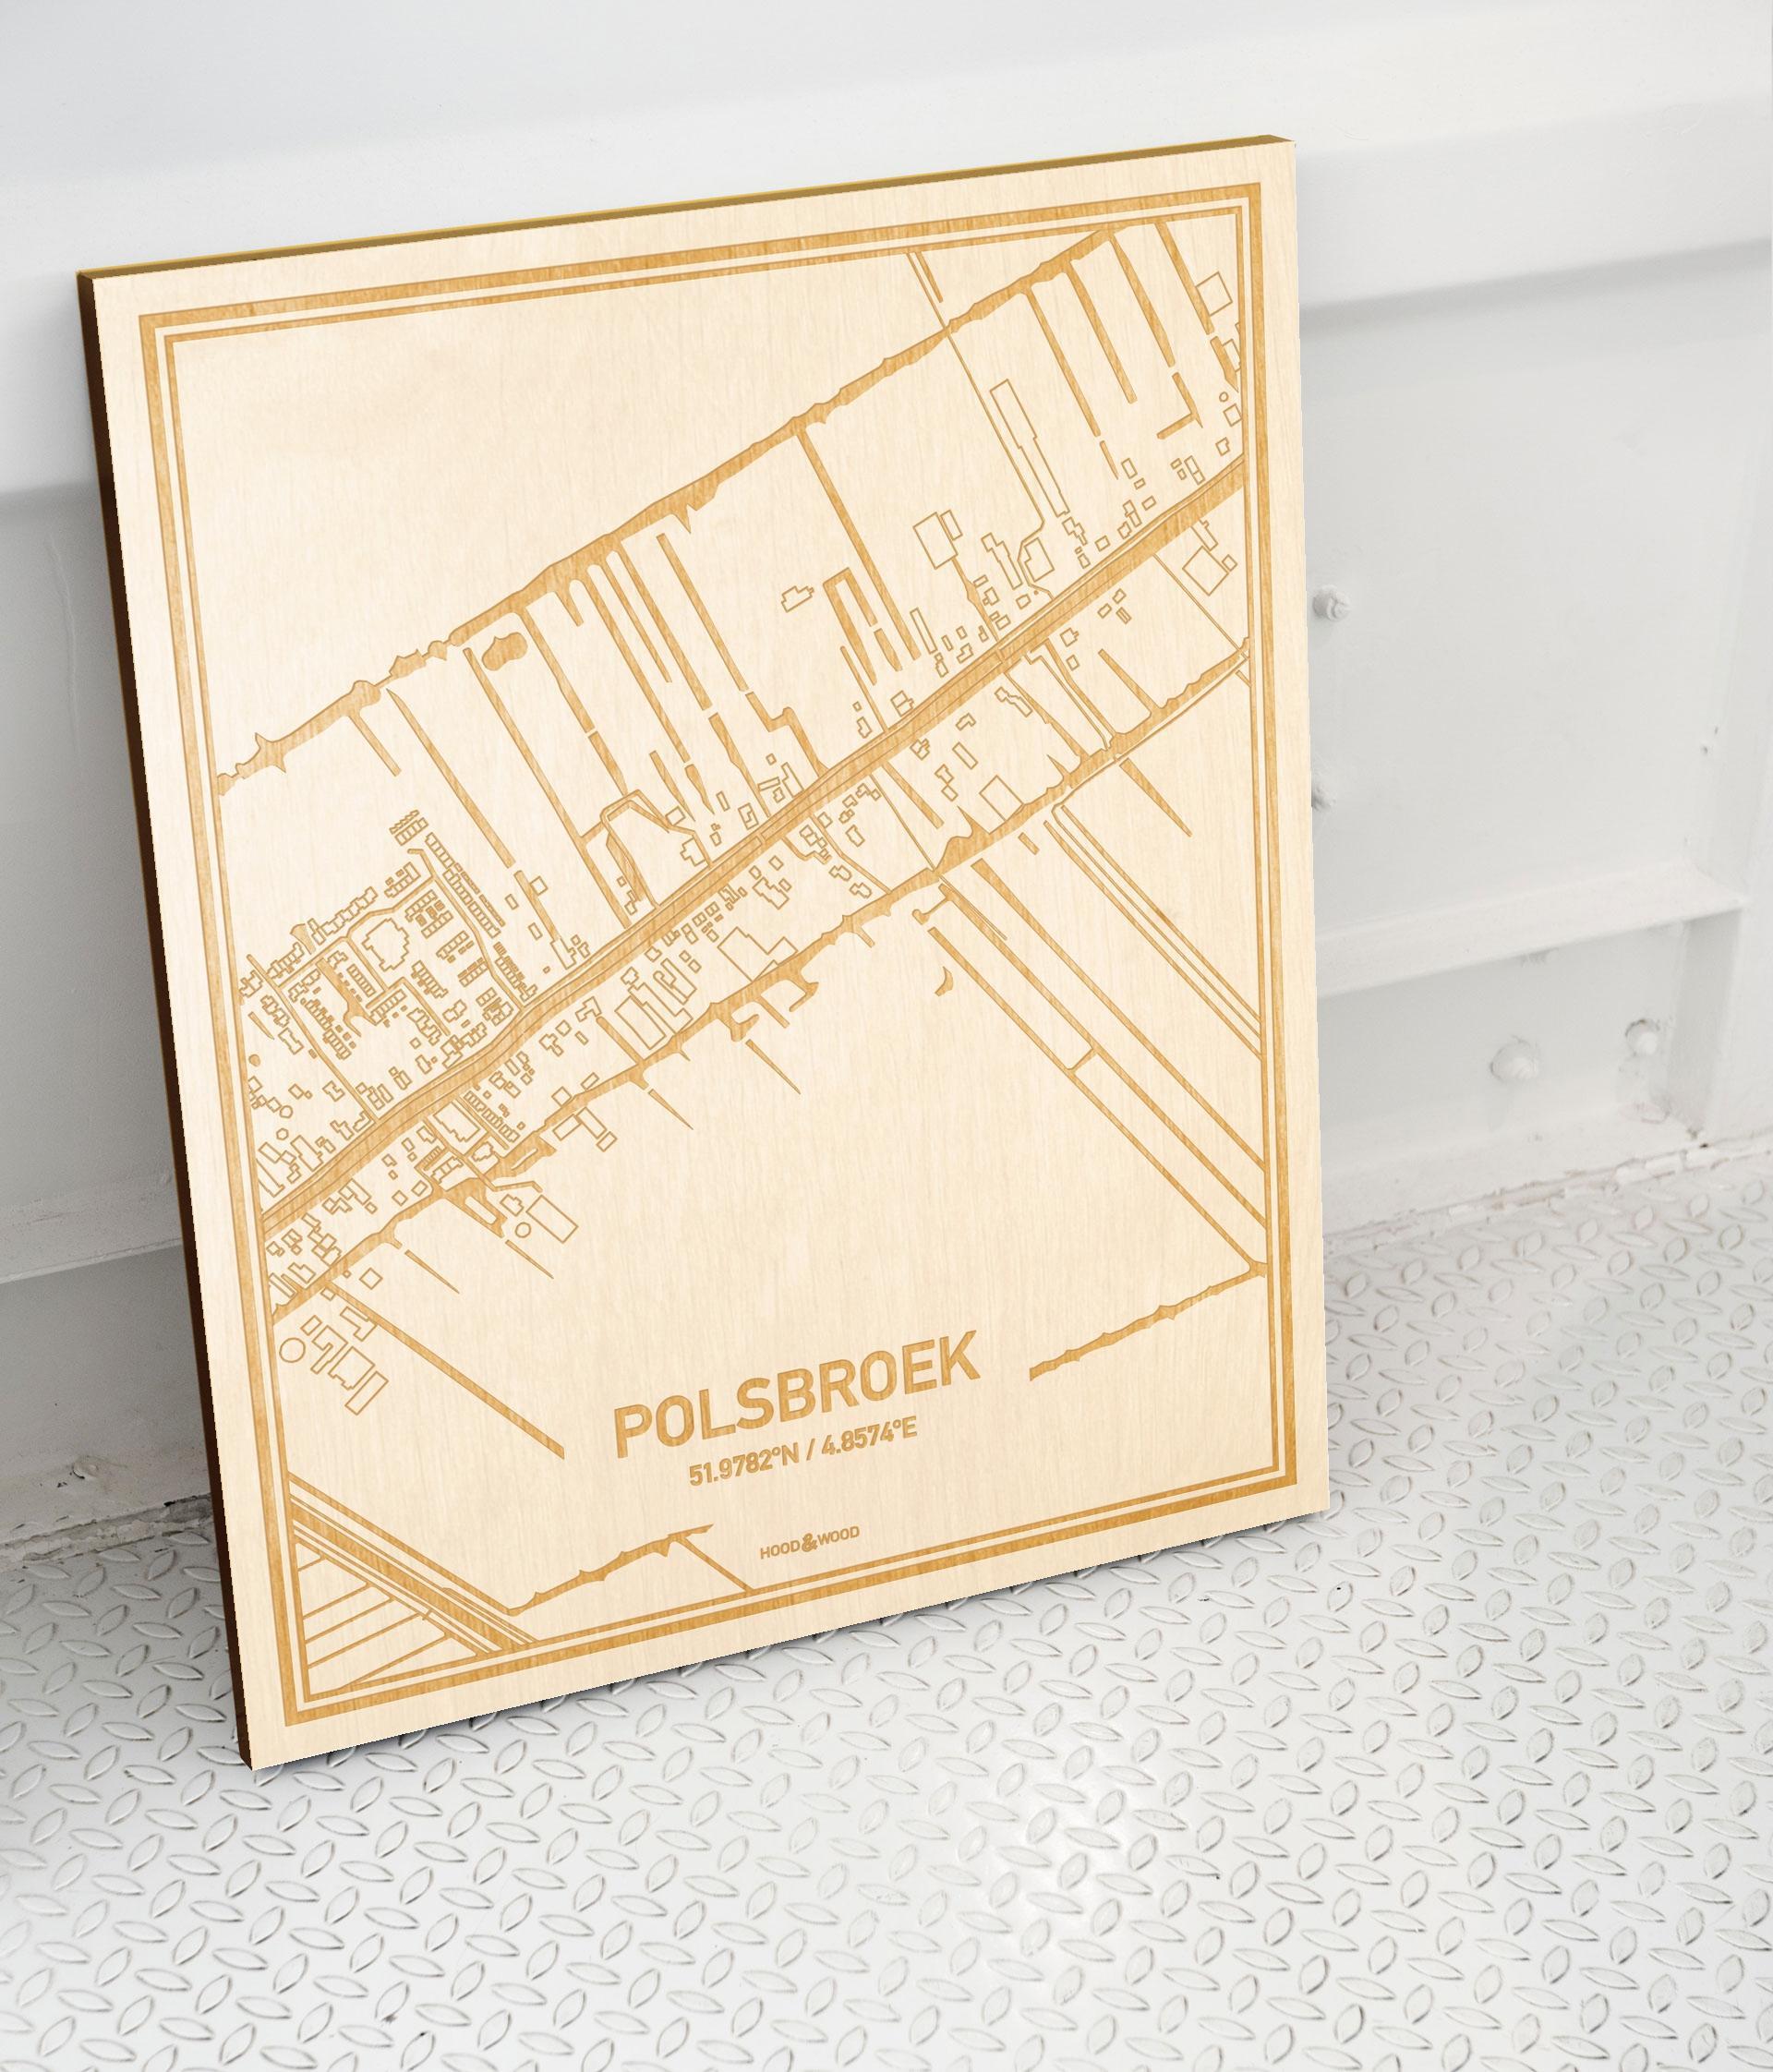 Plattegrond Polsbroek als prachtige houten wanddecoratie. Het warme hout contrasteert mooi met de witte muur.